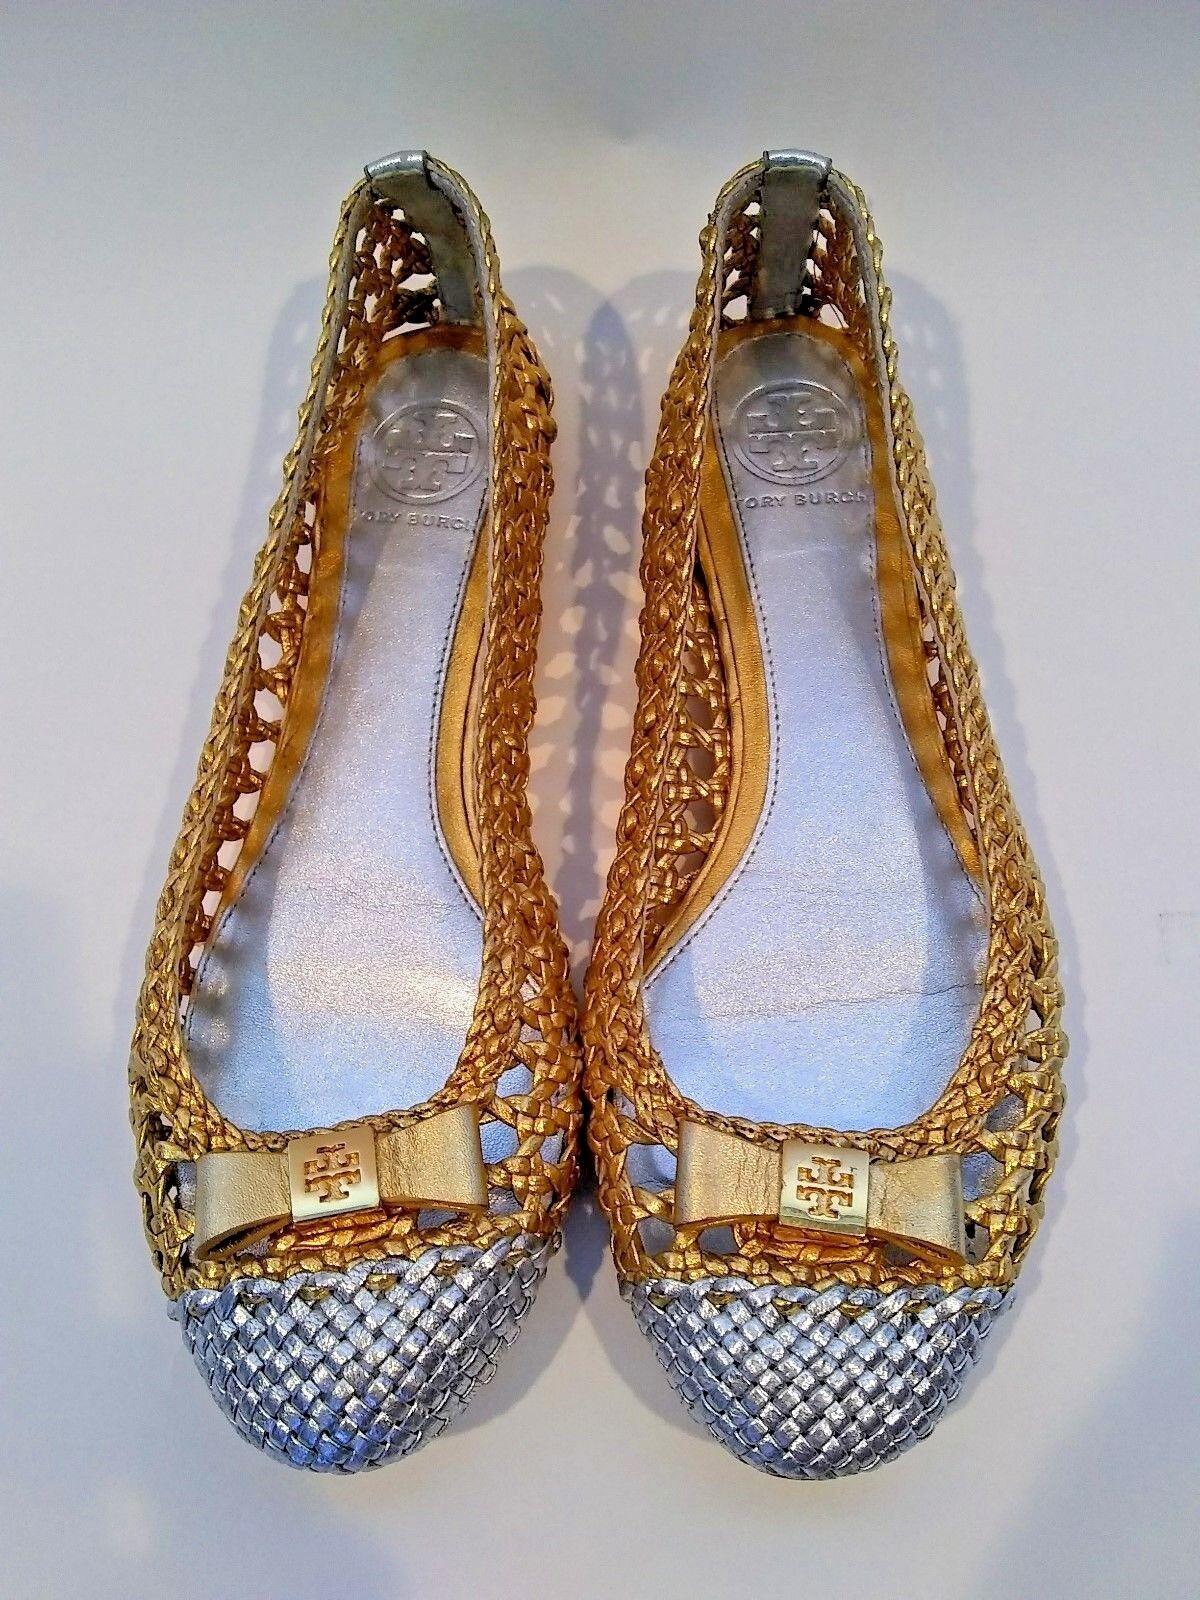 Tory Burch Carlyle Metalllic Gold Silver Woven Ballet Flats Größe 6.5M